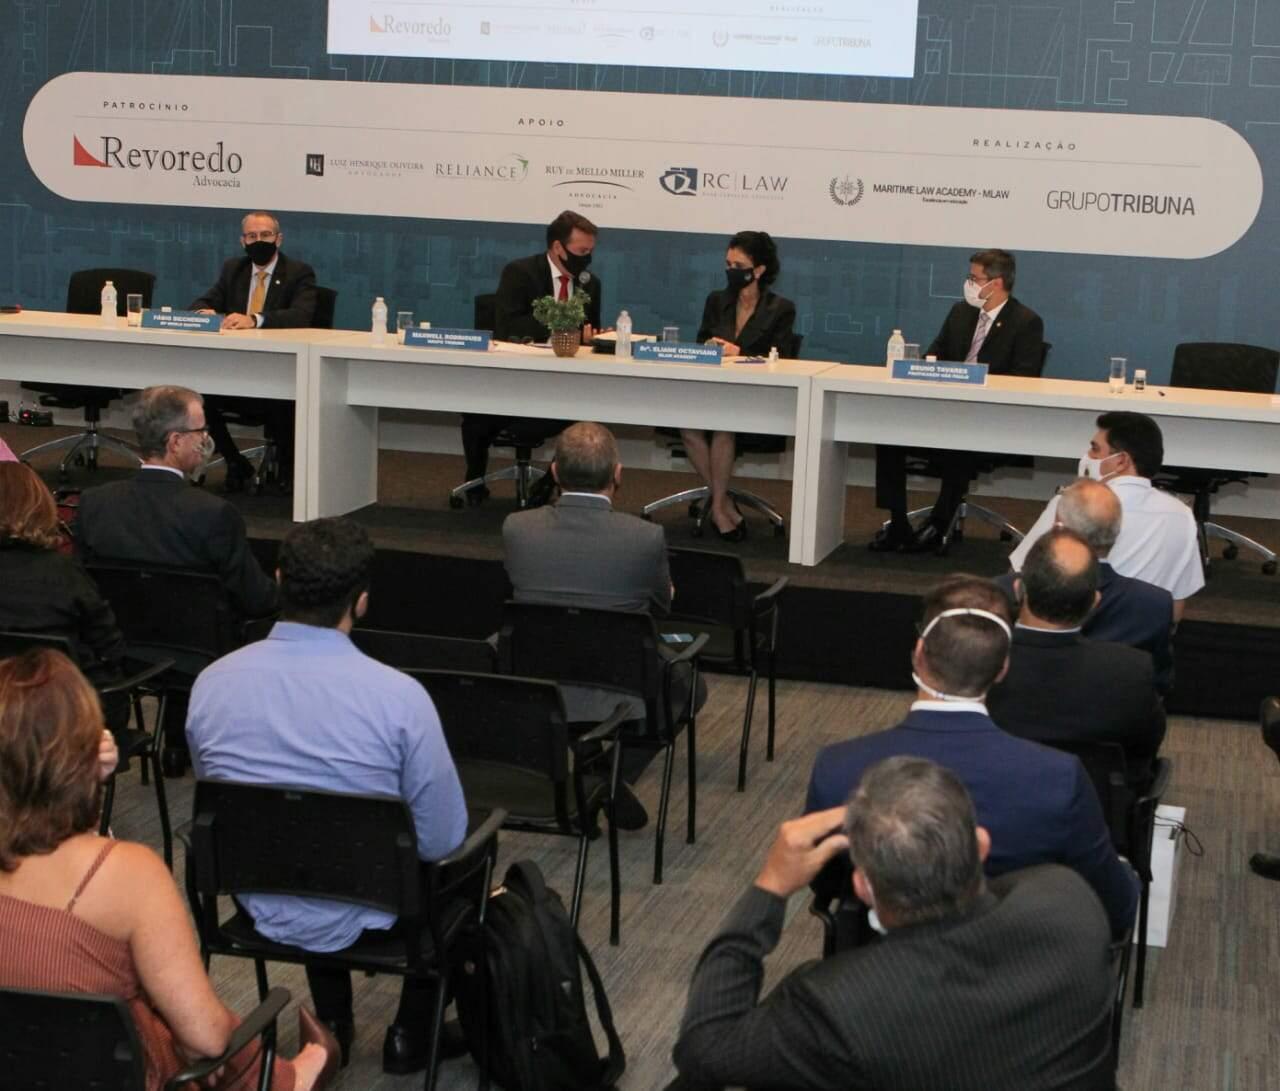 Evento é realizado pela Maritime Law Academy e organizado pelo Grupo Tribuna